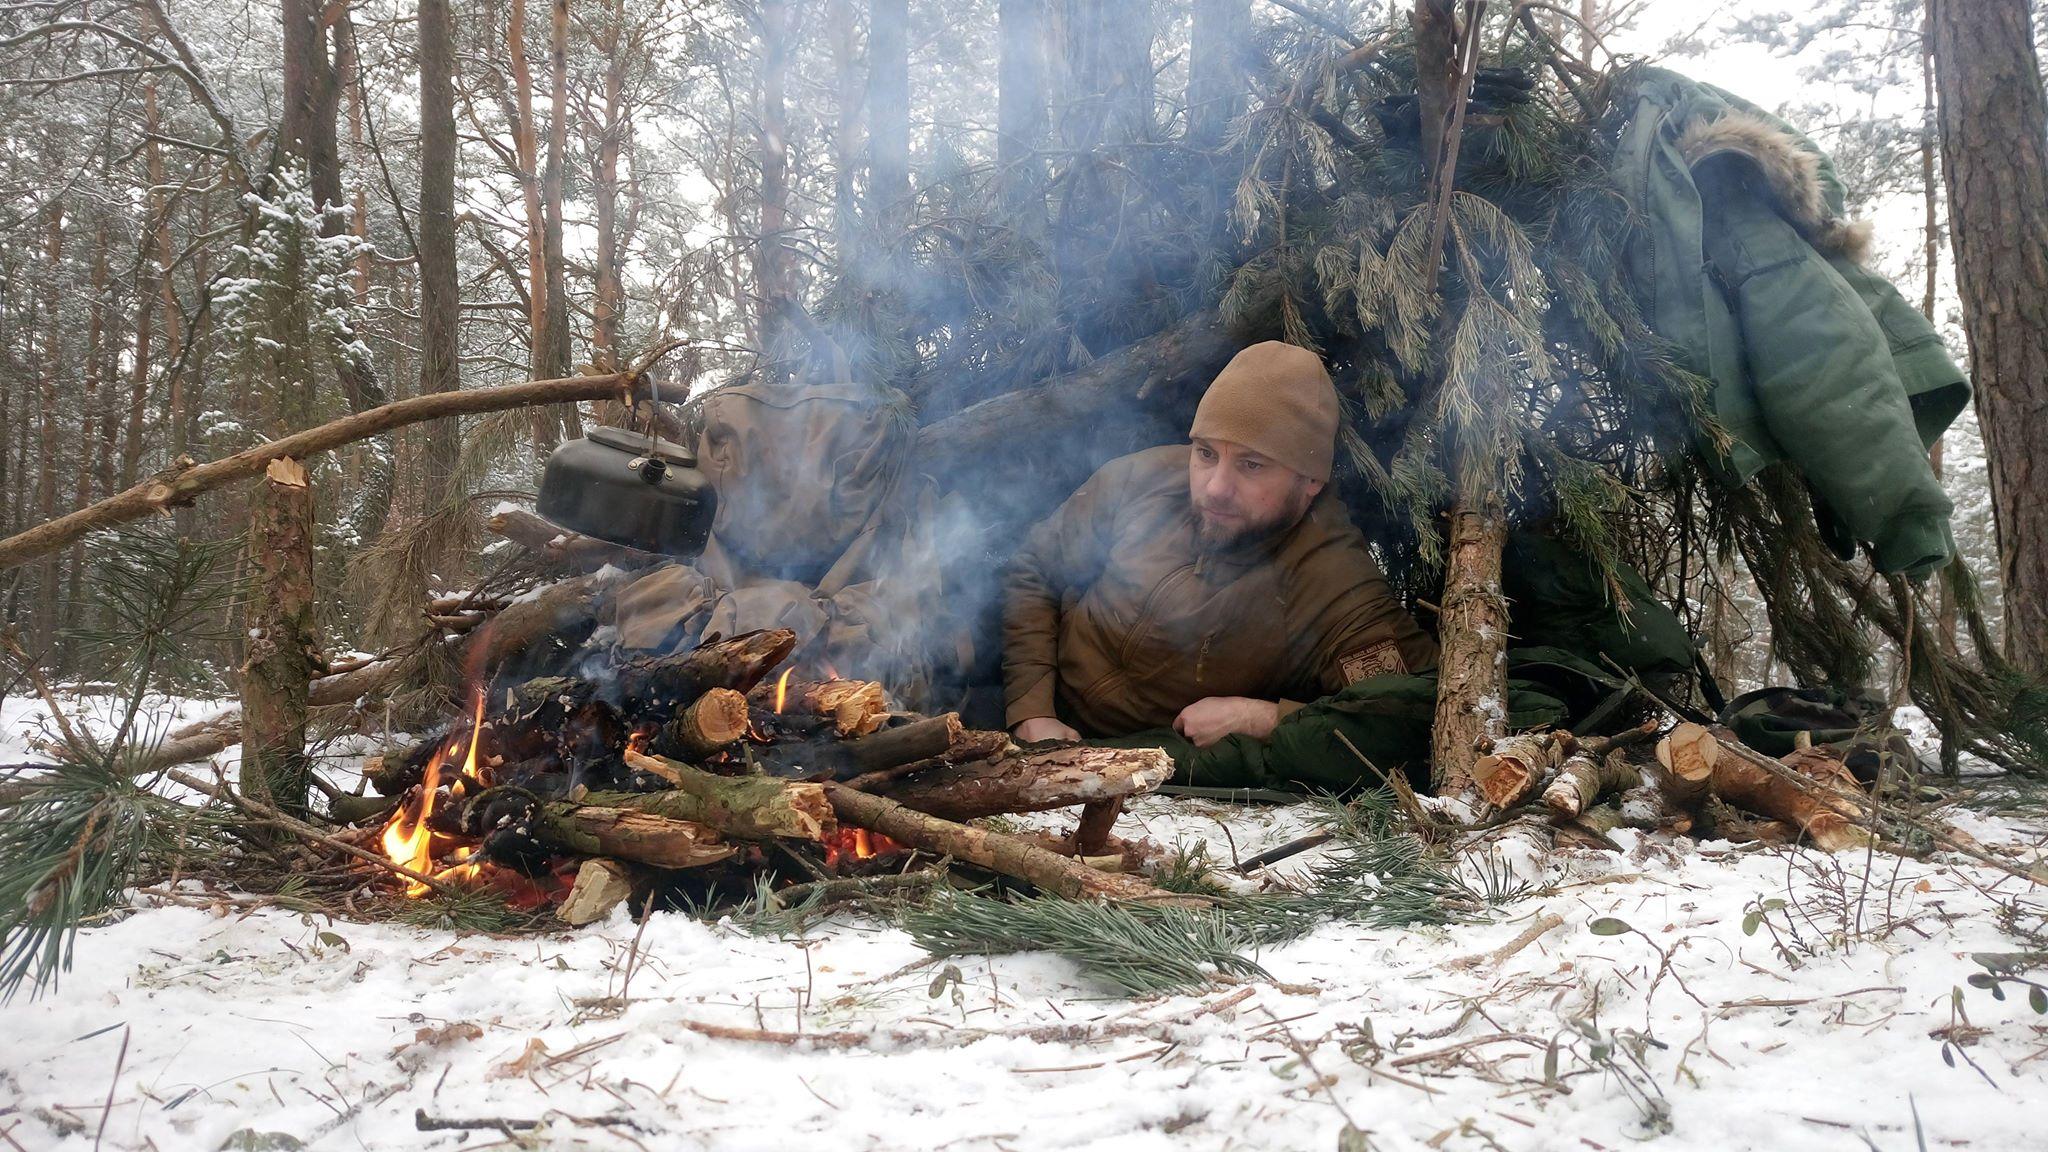 Lasy Mirachowskie zimą czyli buschcraft w wersji light 20